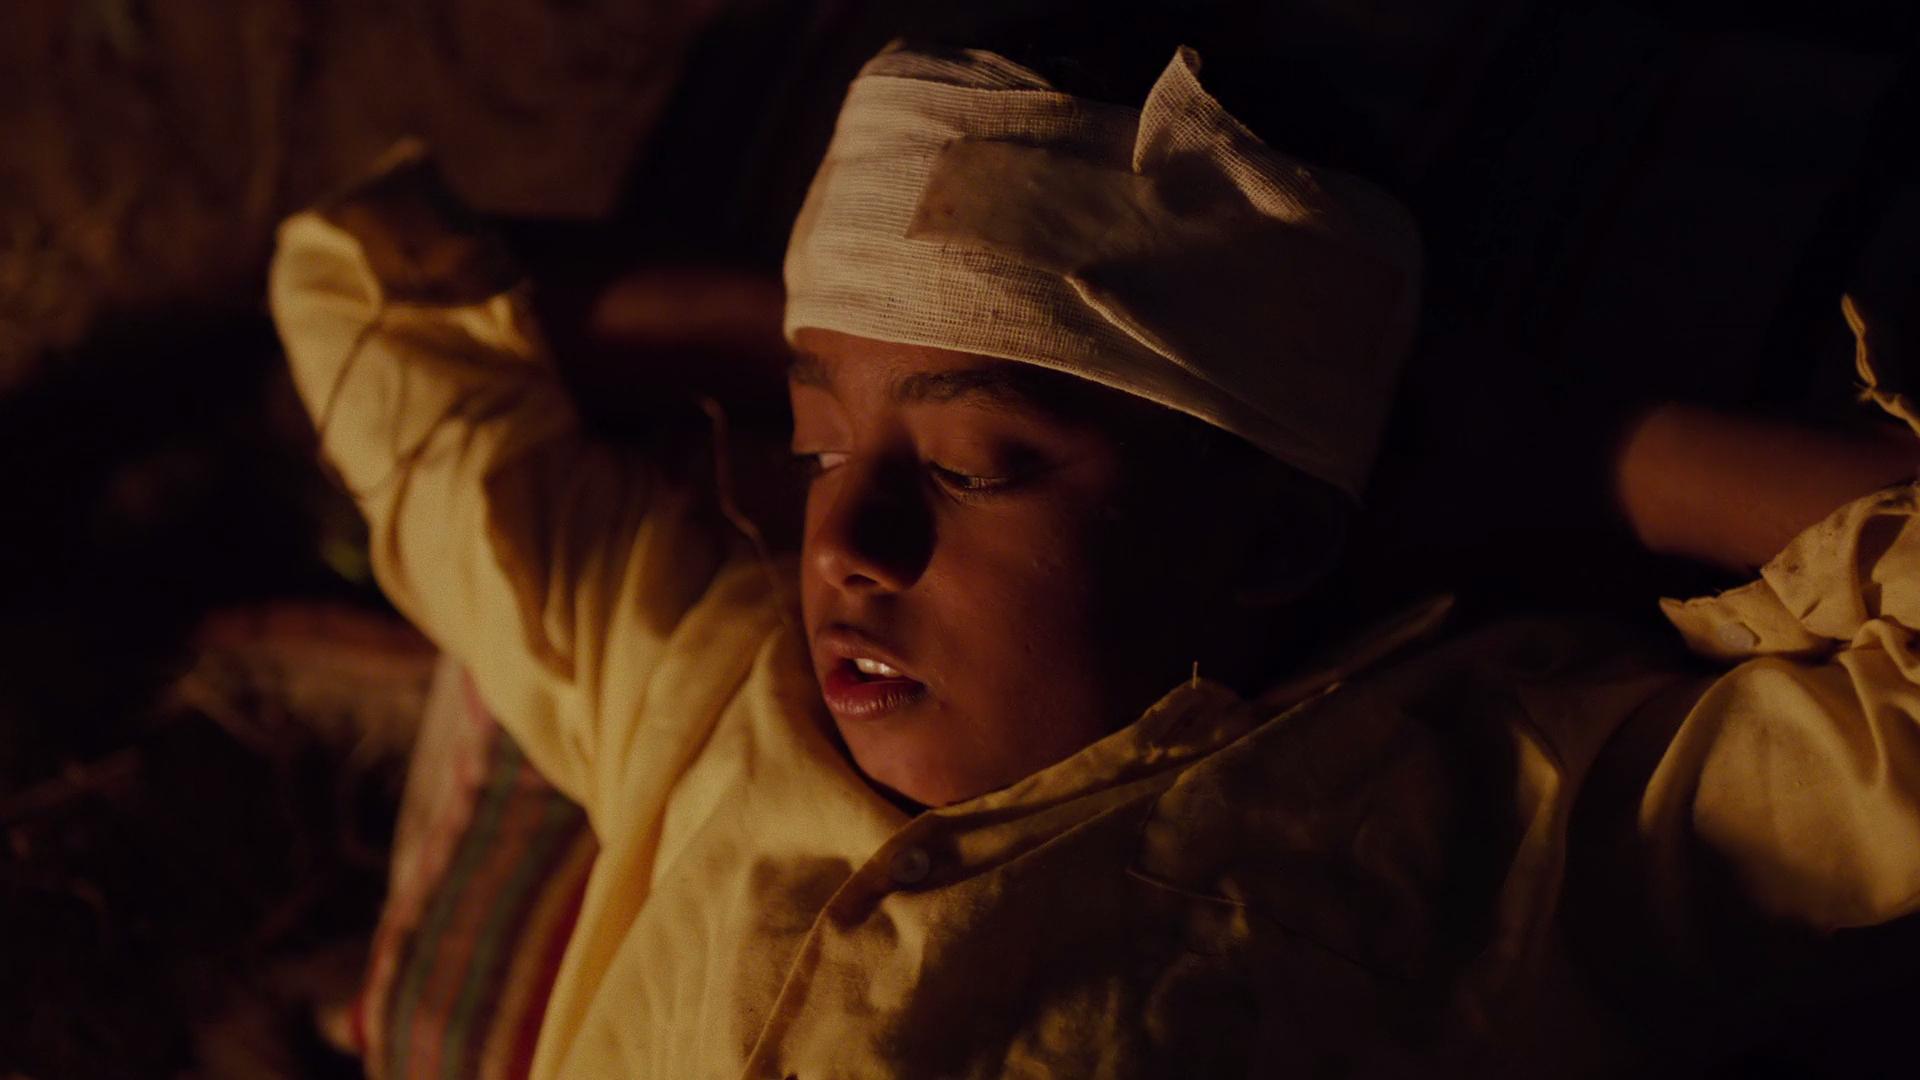 [فيلم][تورنت][تحميل][يوم الدين][2018][1080p][Web-DL] 8 arabp2p.com